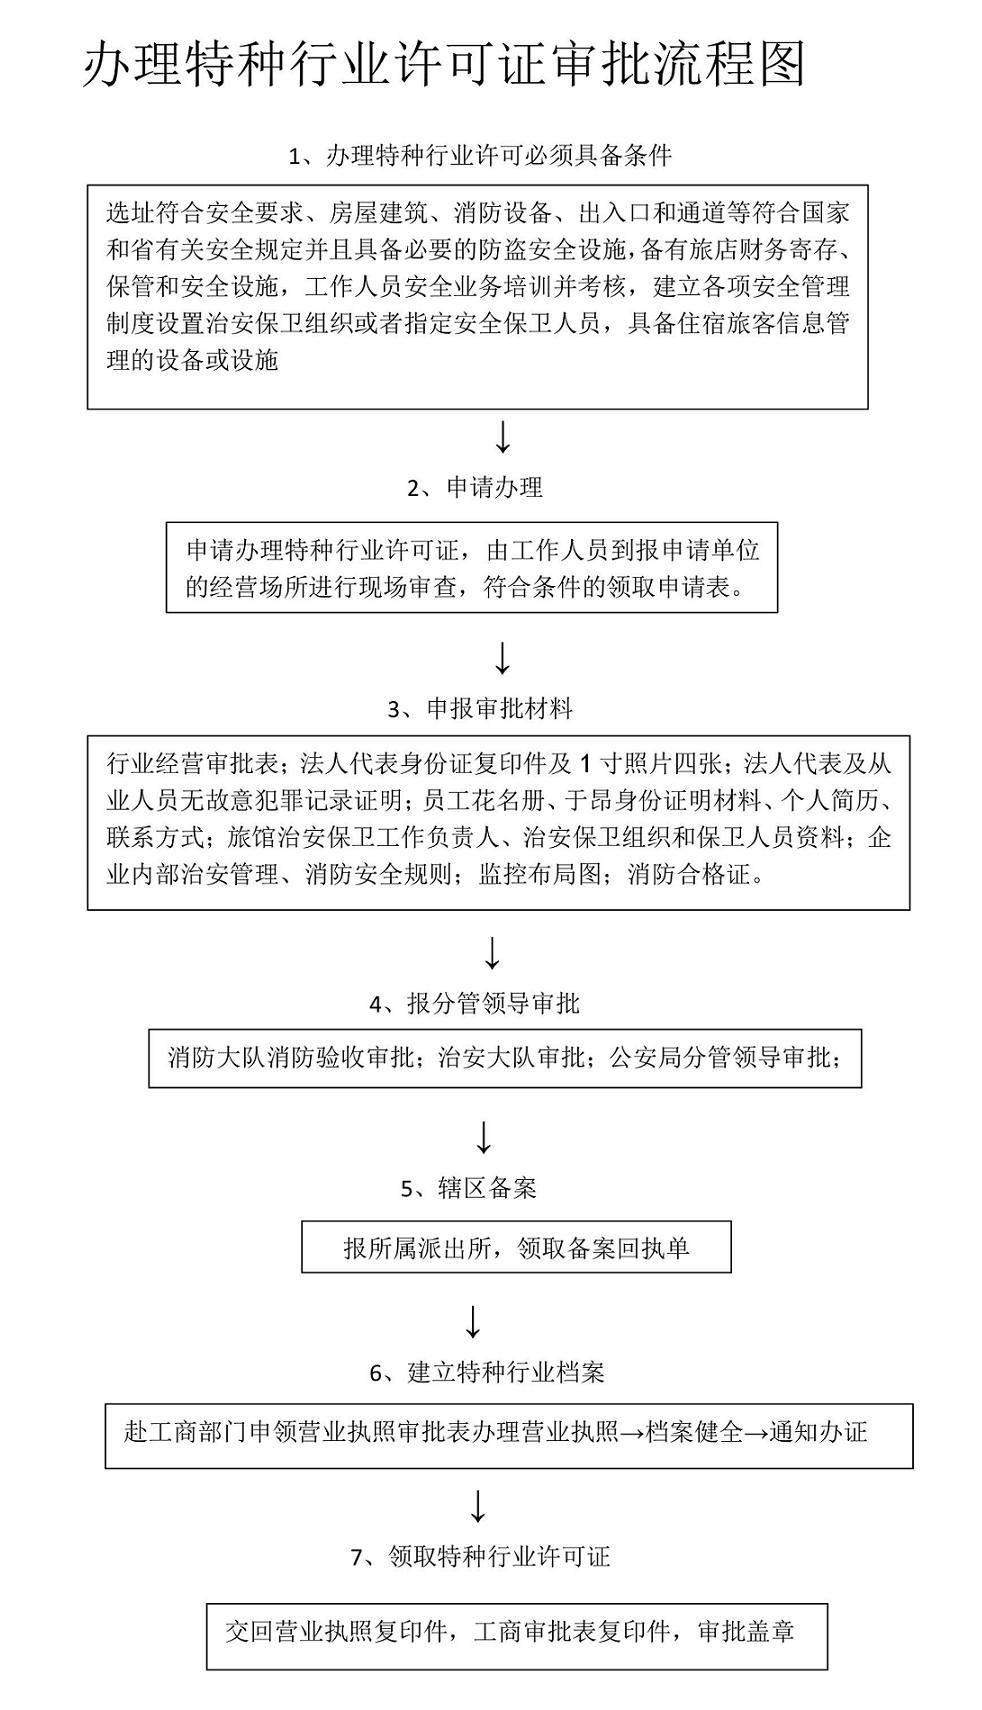 特种行业许可证办理审批办理流程.png